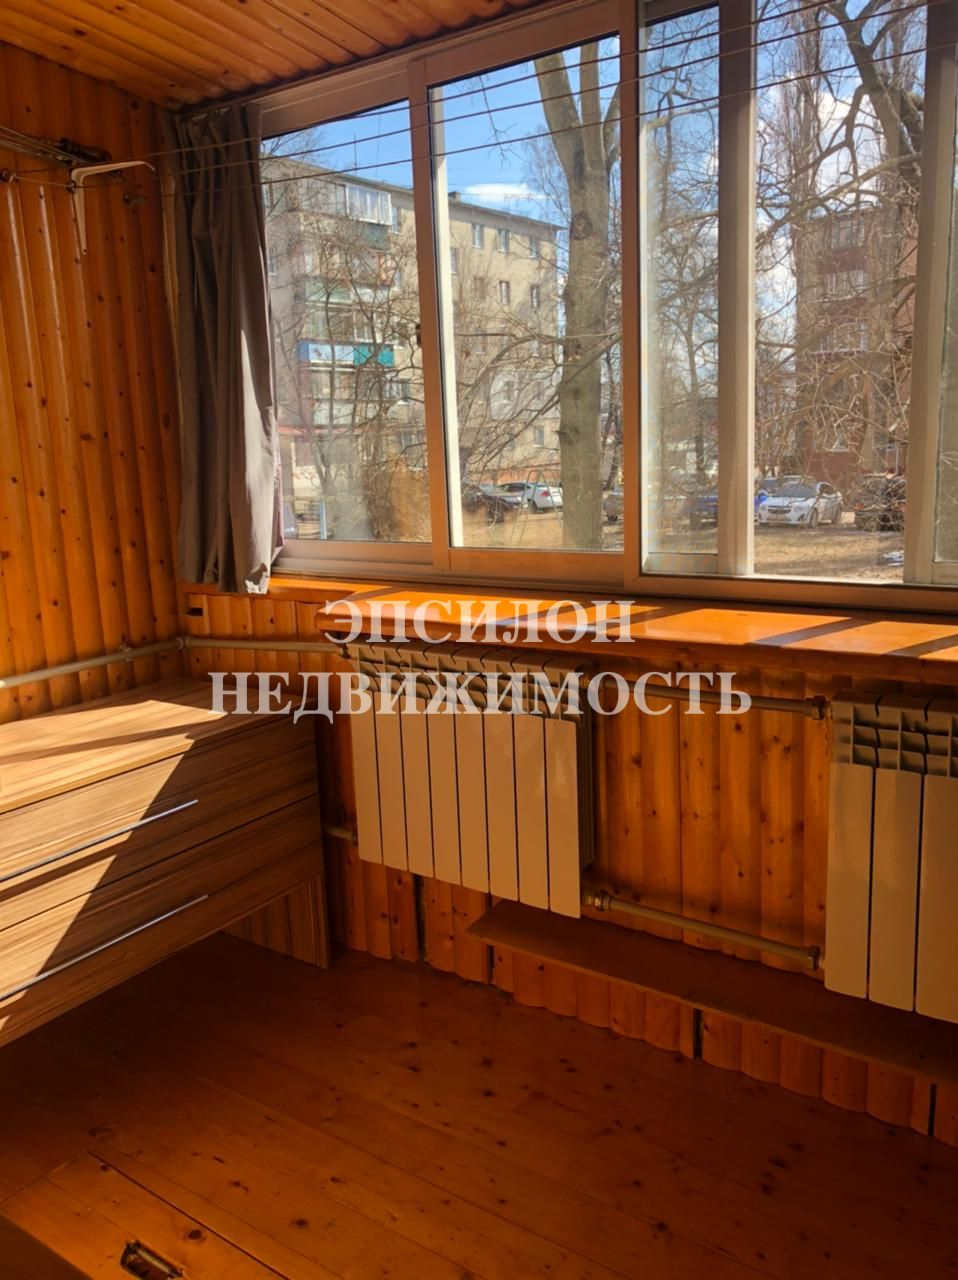 Продам 1-комнатную квартиру в городе Курск, на улице Рабочая 2-я, 14а, 1-этаж 5-этажного Кирпич дома, площадь: 31/18/6 м2